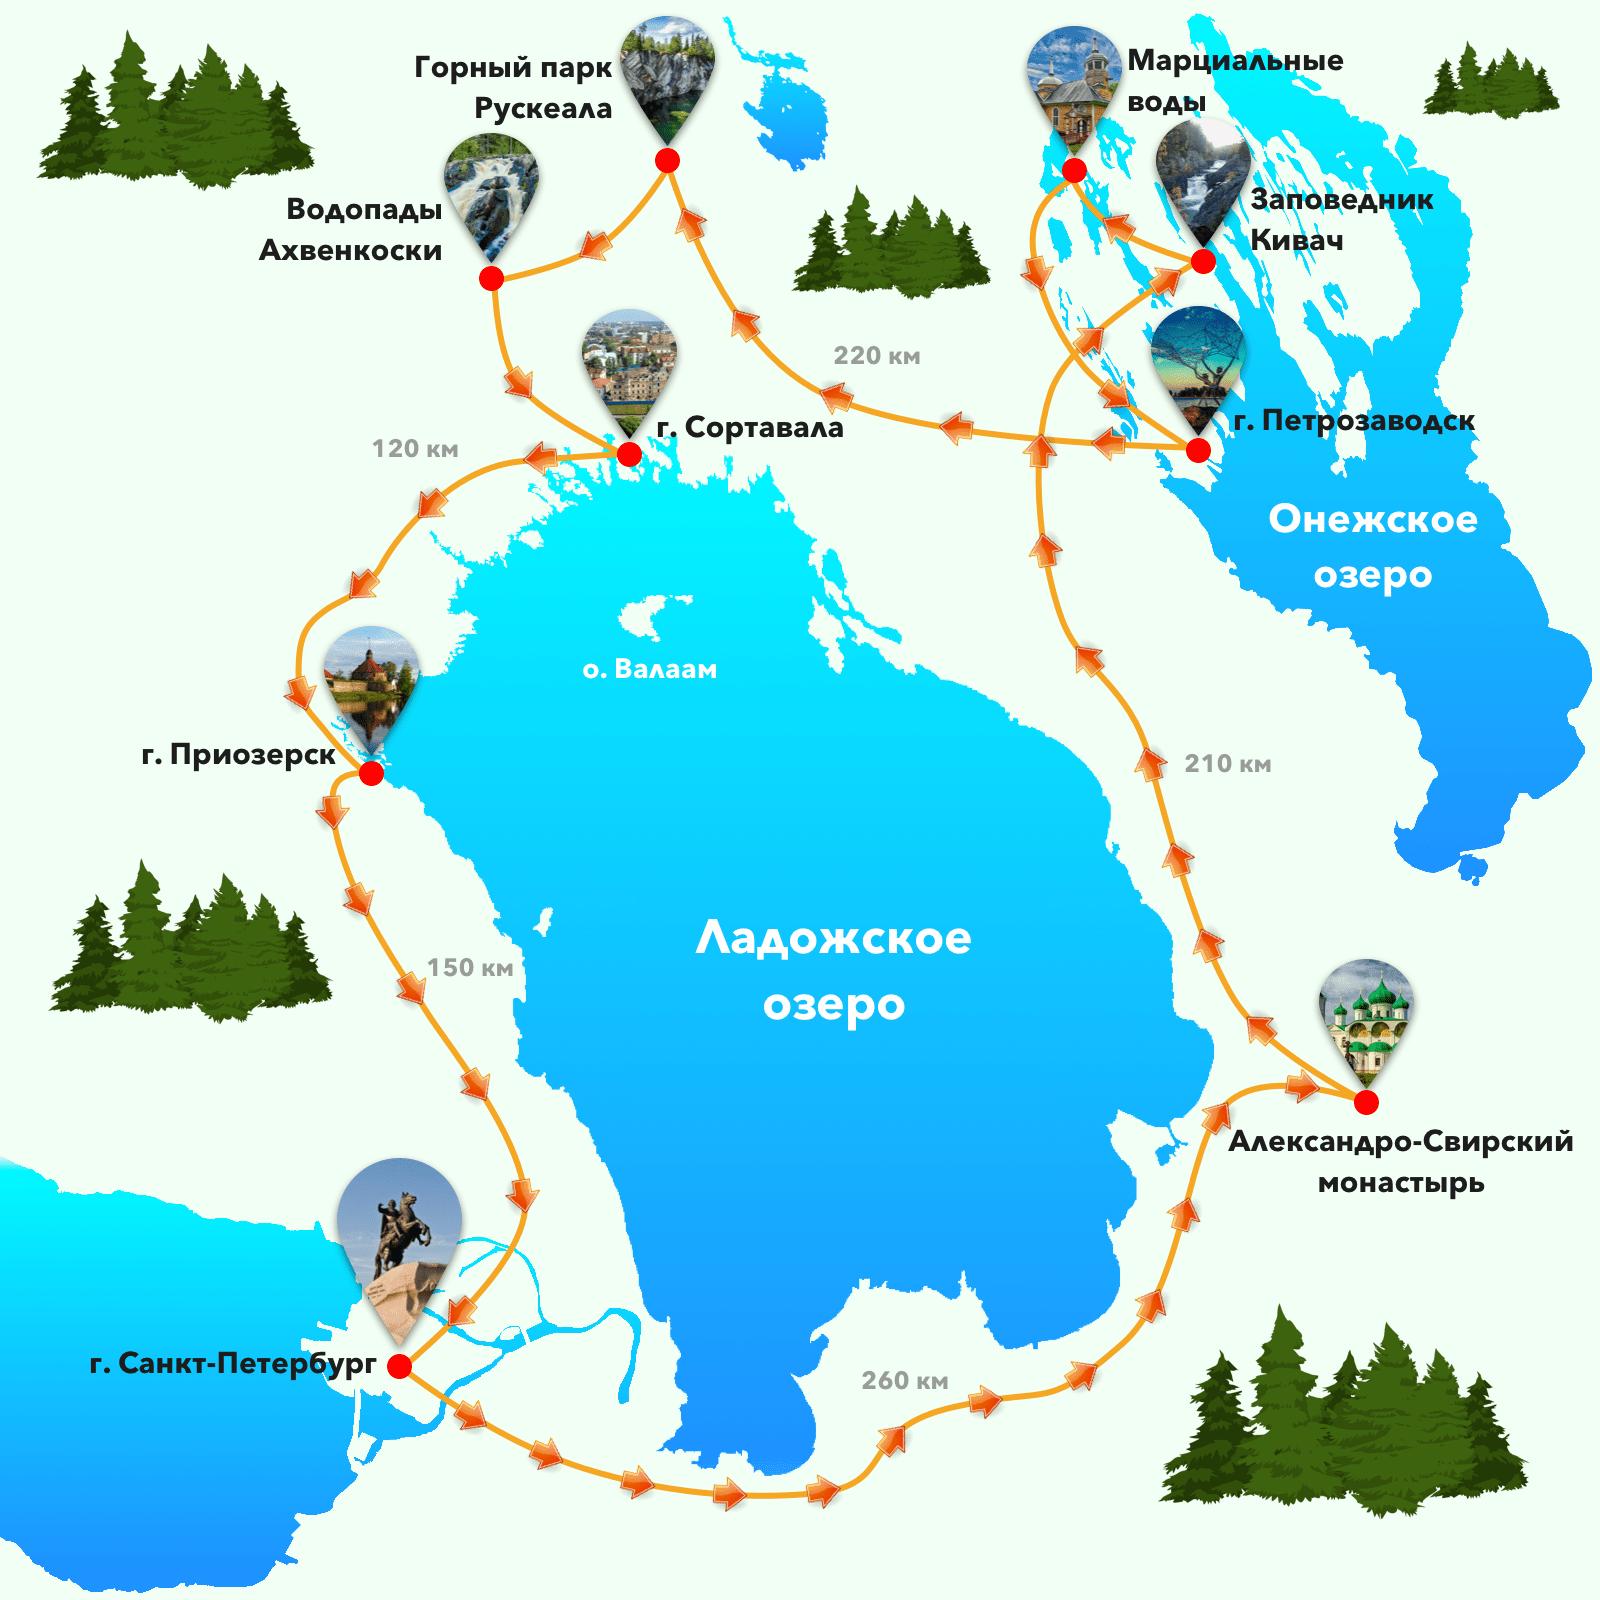 картинки схема карелии изготовлена натуральных